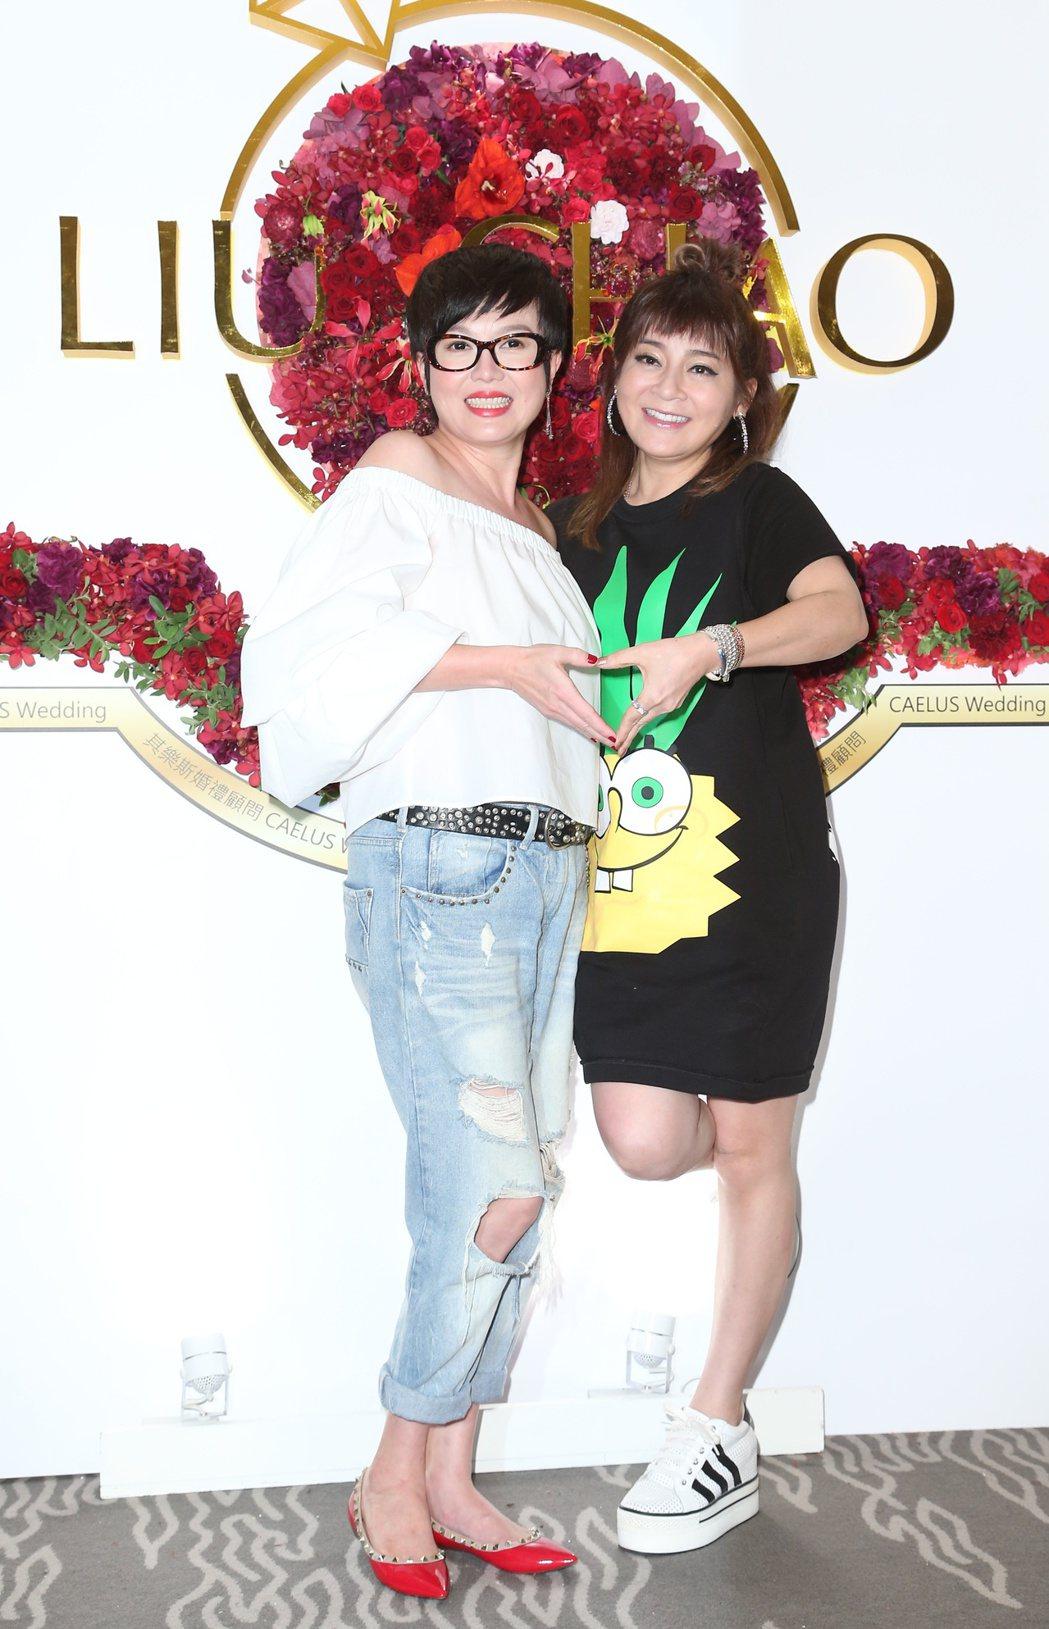 趙小僑與劉亮佐舉行婚宴,苗可麗(左)與王彩樺(右)前來祝賀。記者陳立凱/攝影